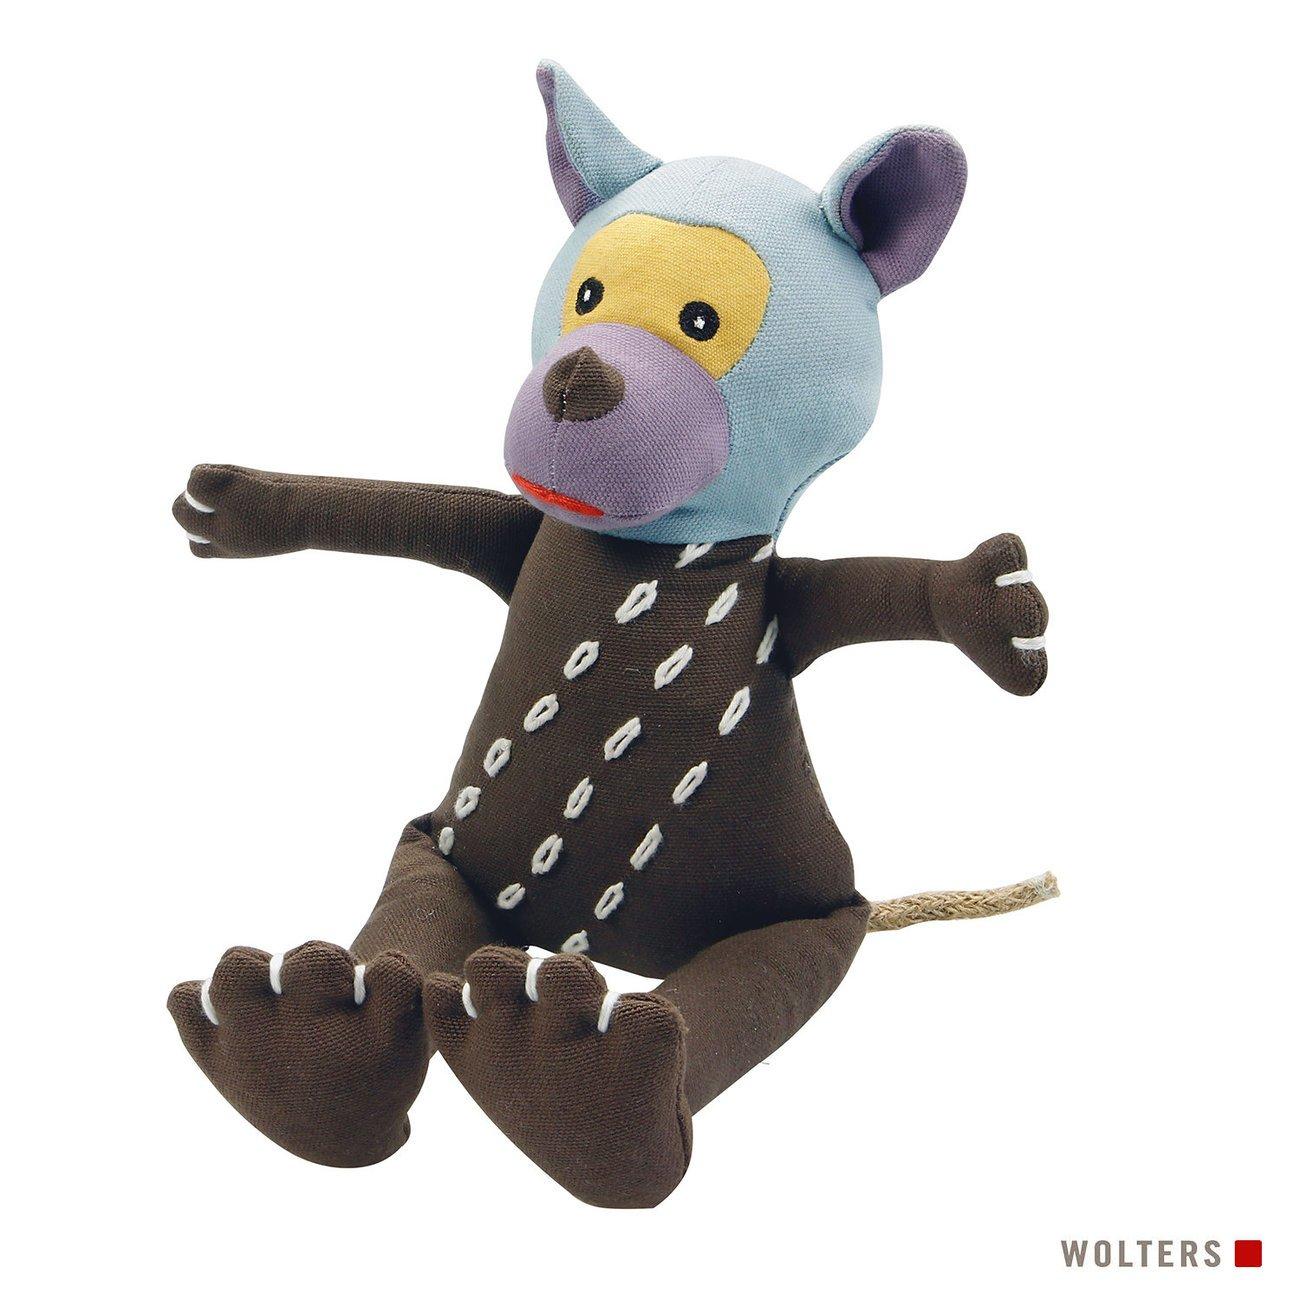 Wolters Bio Hunde Spielzeug, Bild 3